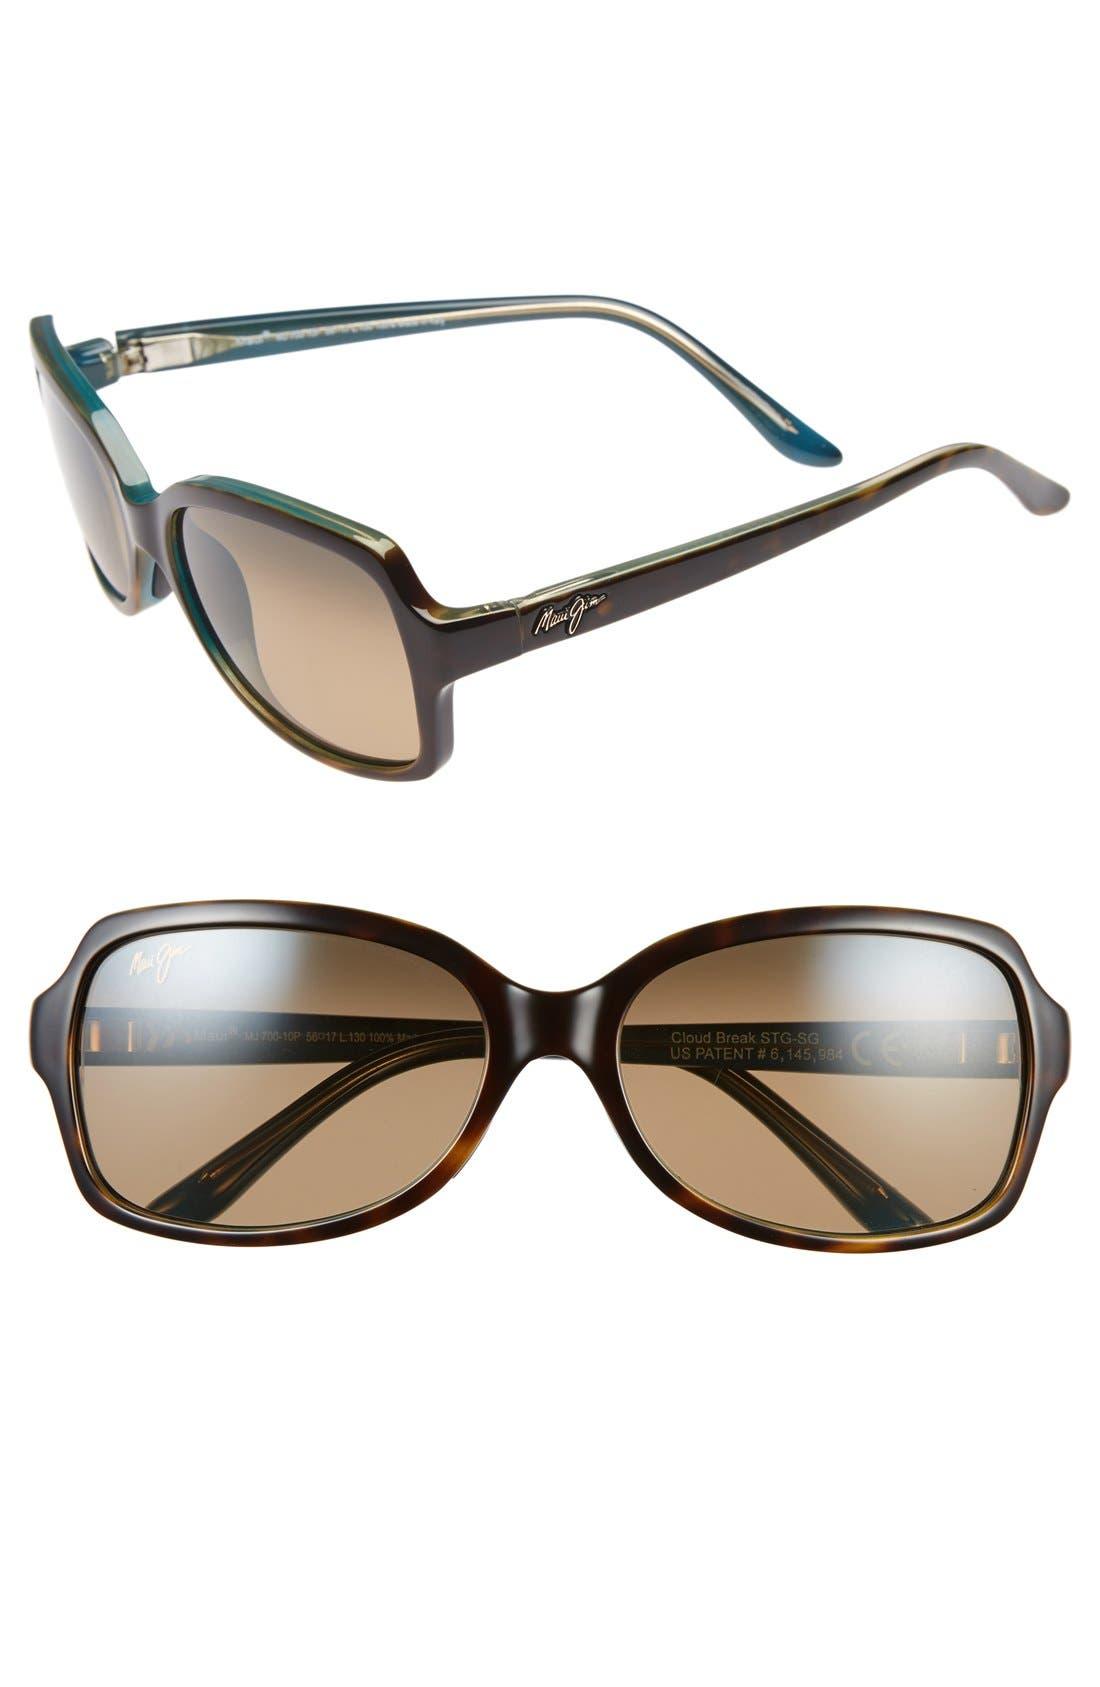 Cloud Break 56mm PolarizedPlus2<sup>®</sup> Sunglasses,                             Main thumbnail 1, color,                             TORTOISE PEACOCK/ BLUE/ BRONZE